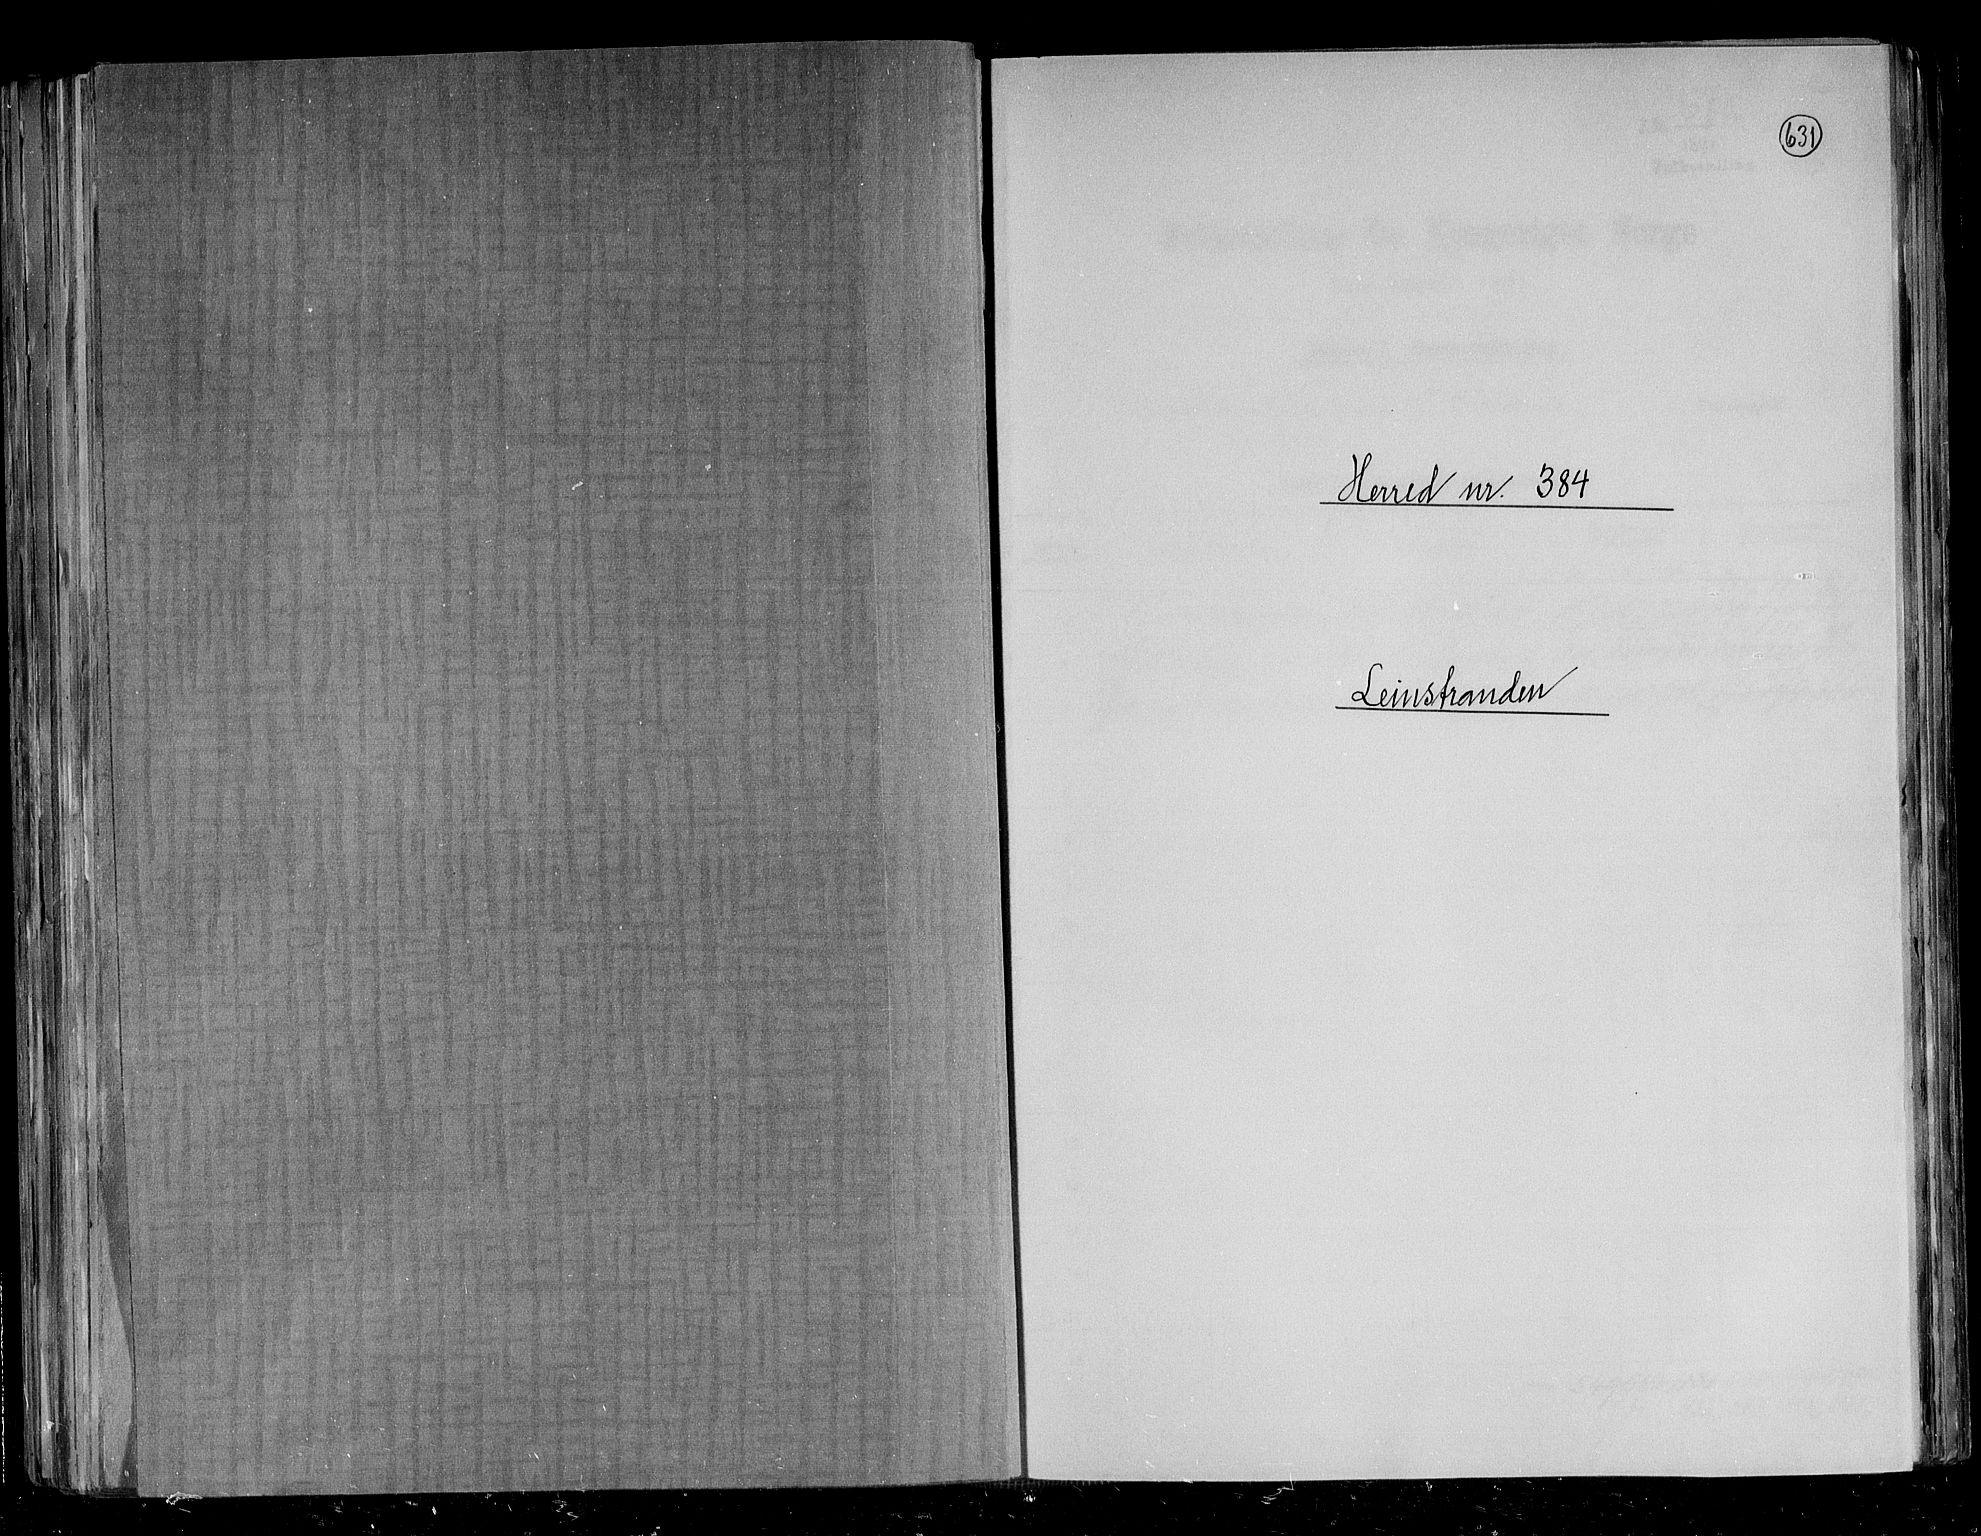 RA, Folketelling 1891 for 1654 Leinstrand herred, 1891, s. 1